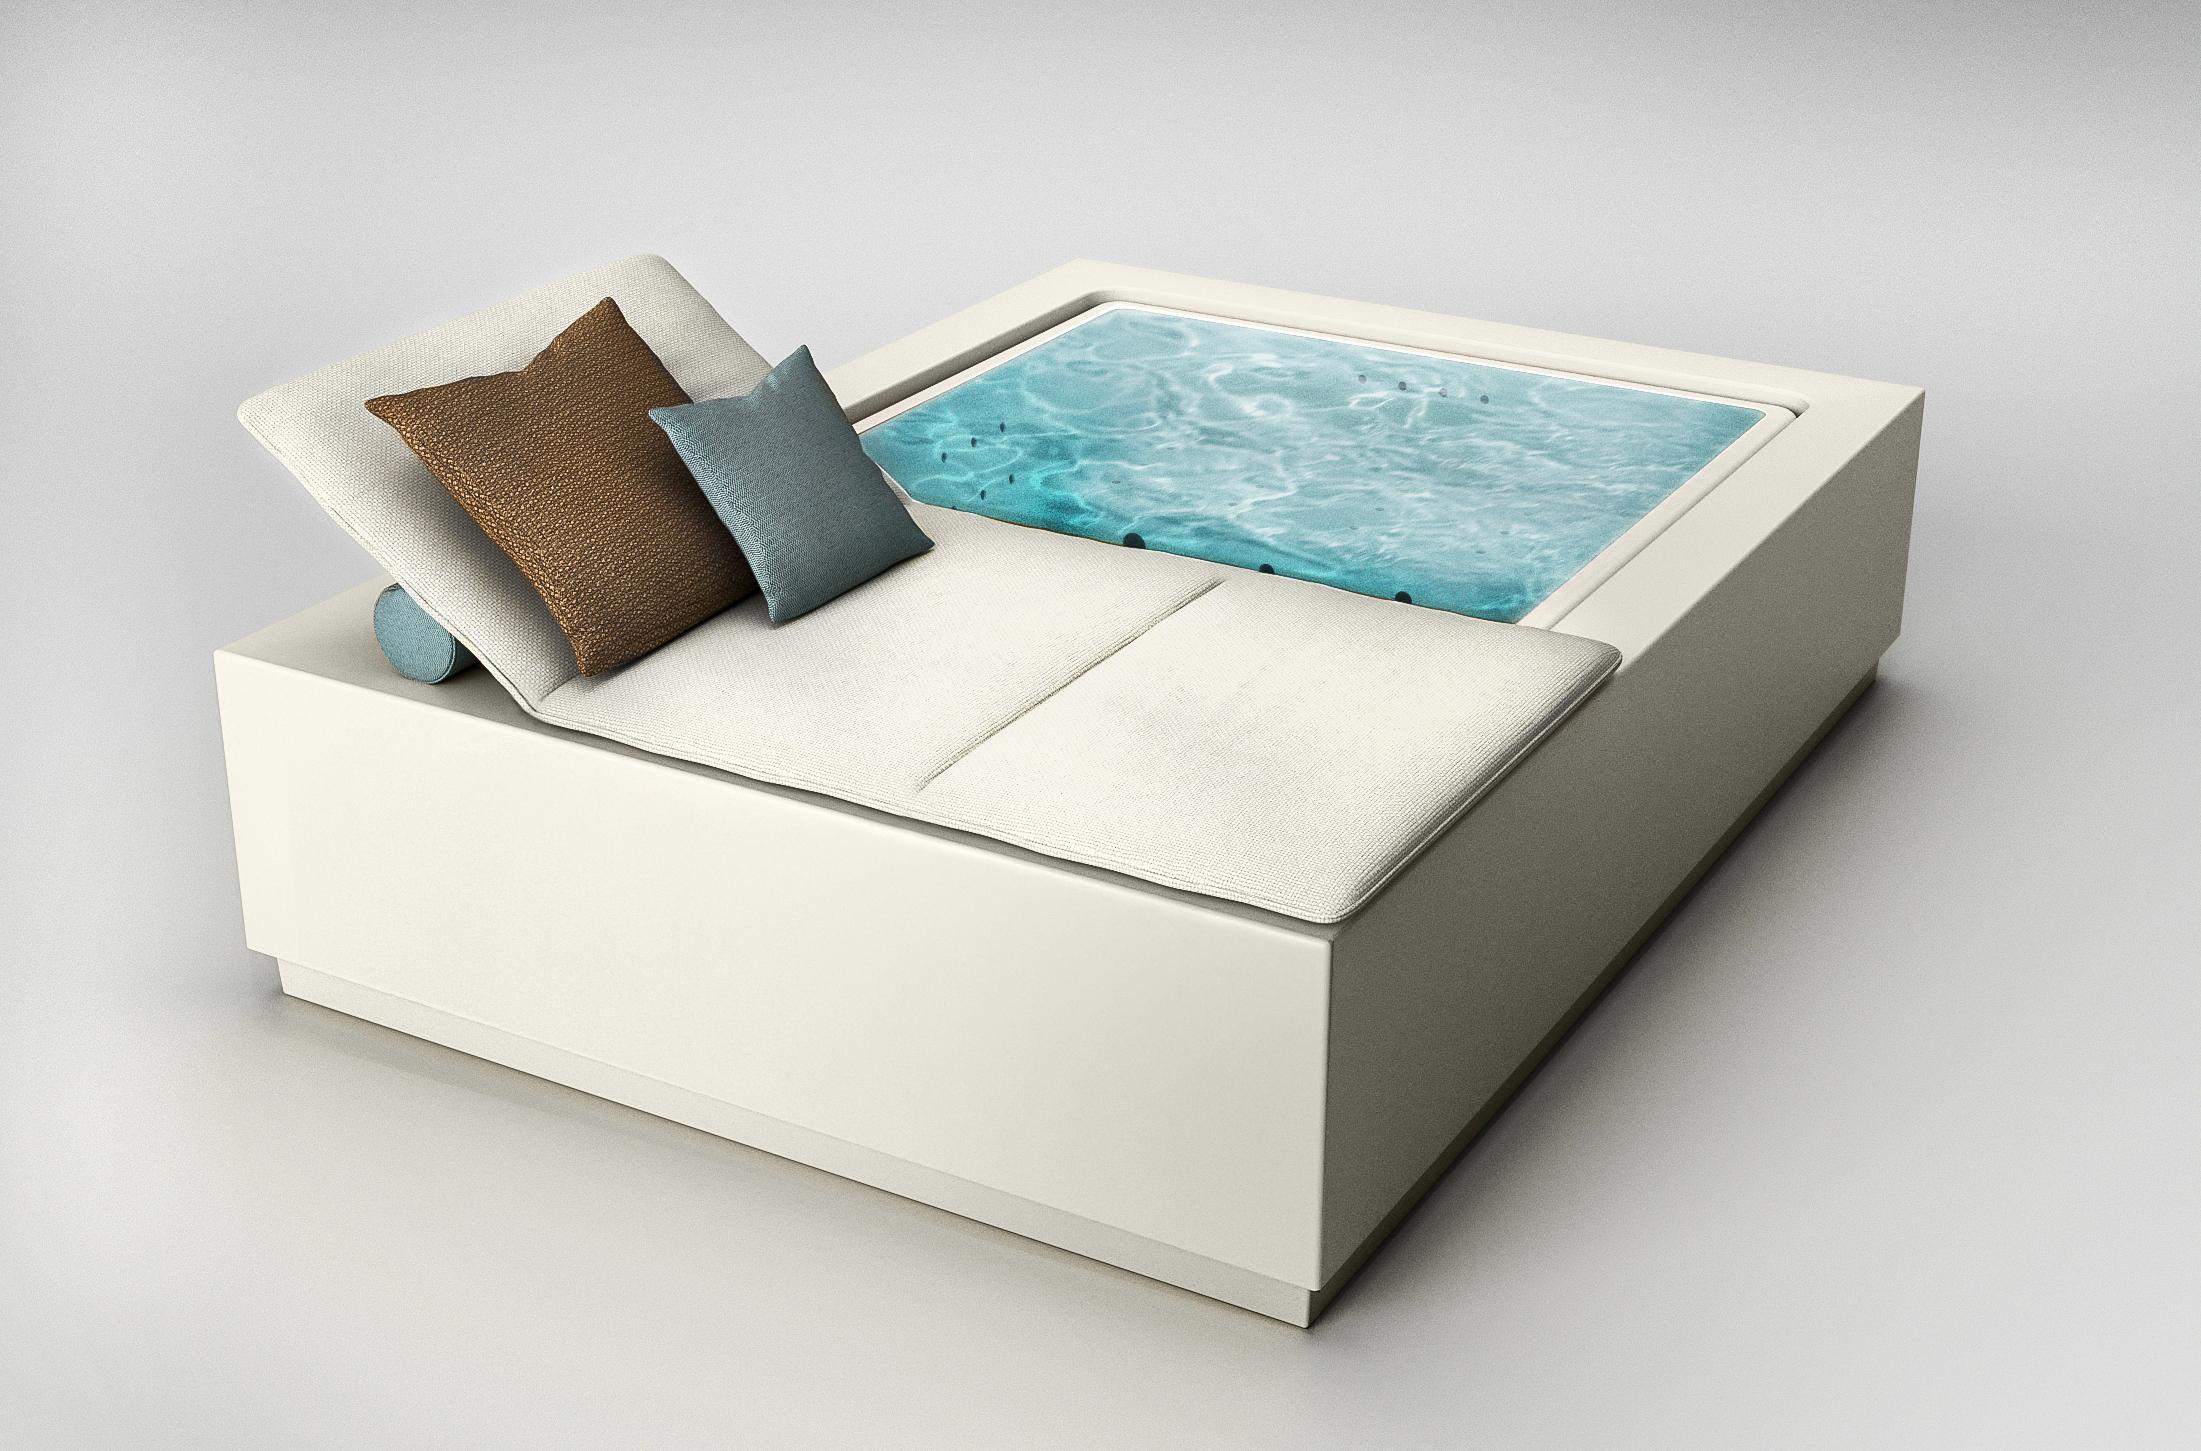 Zucchetti Kos_Quadrat Pool Relax_01